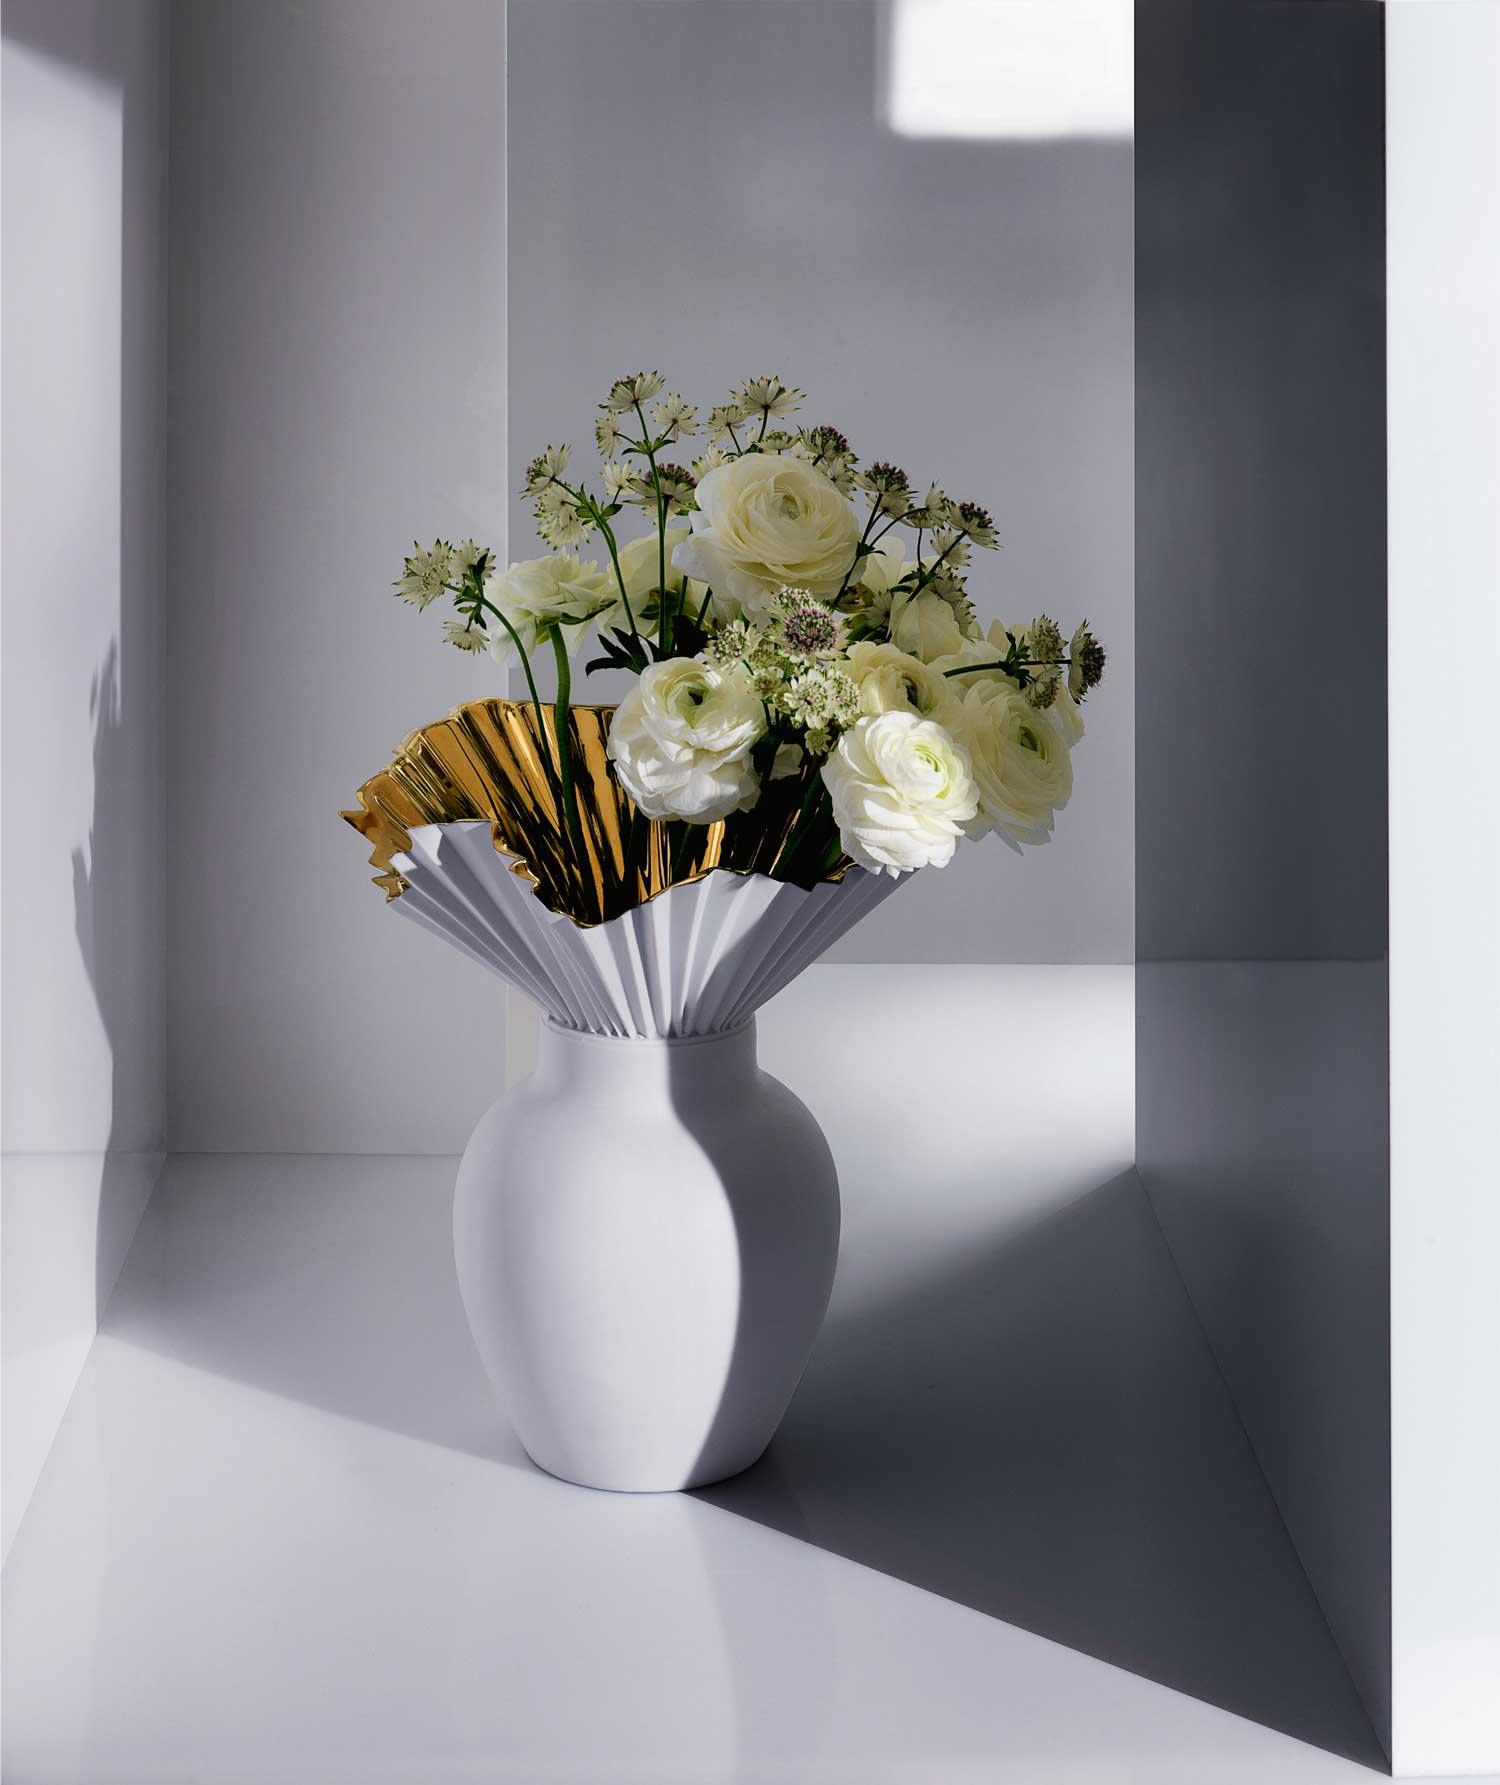 Sebastian Herkner Falda Vase for Rosenthal   Yellowtrace